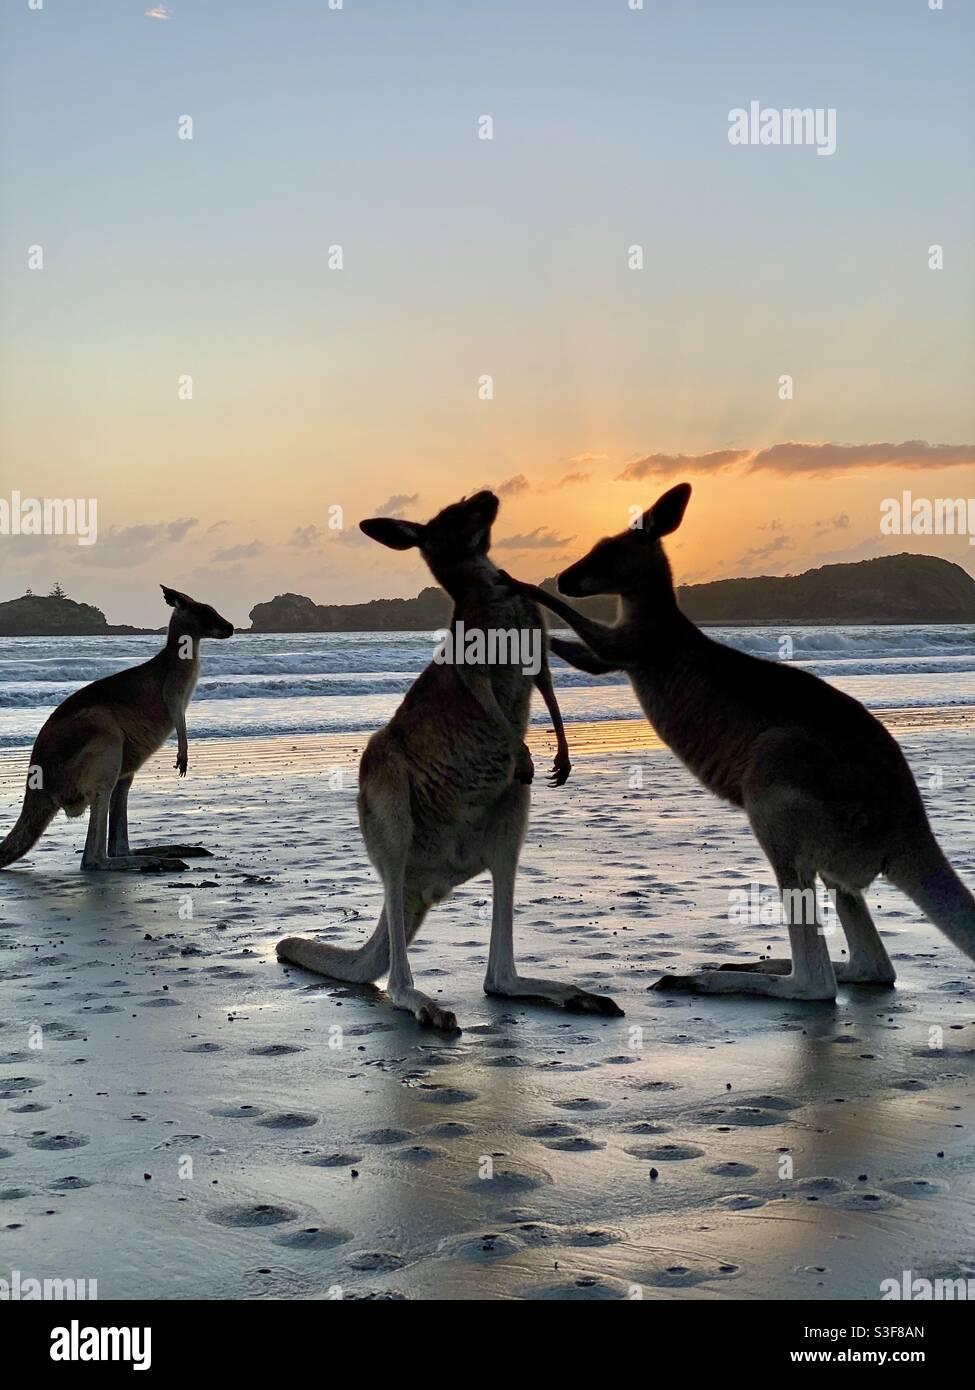 Kängurus, die am Strand bei Sonnenaufgang Uneinigkeit hatten, Cape Hillsborough, Australien. Stockfoto